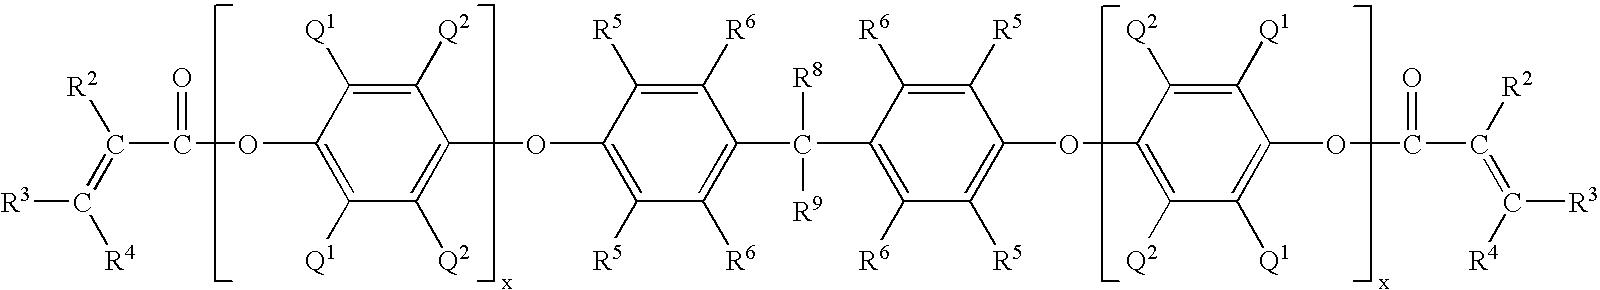 Figure US20080051522A1-20080228-C00005